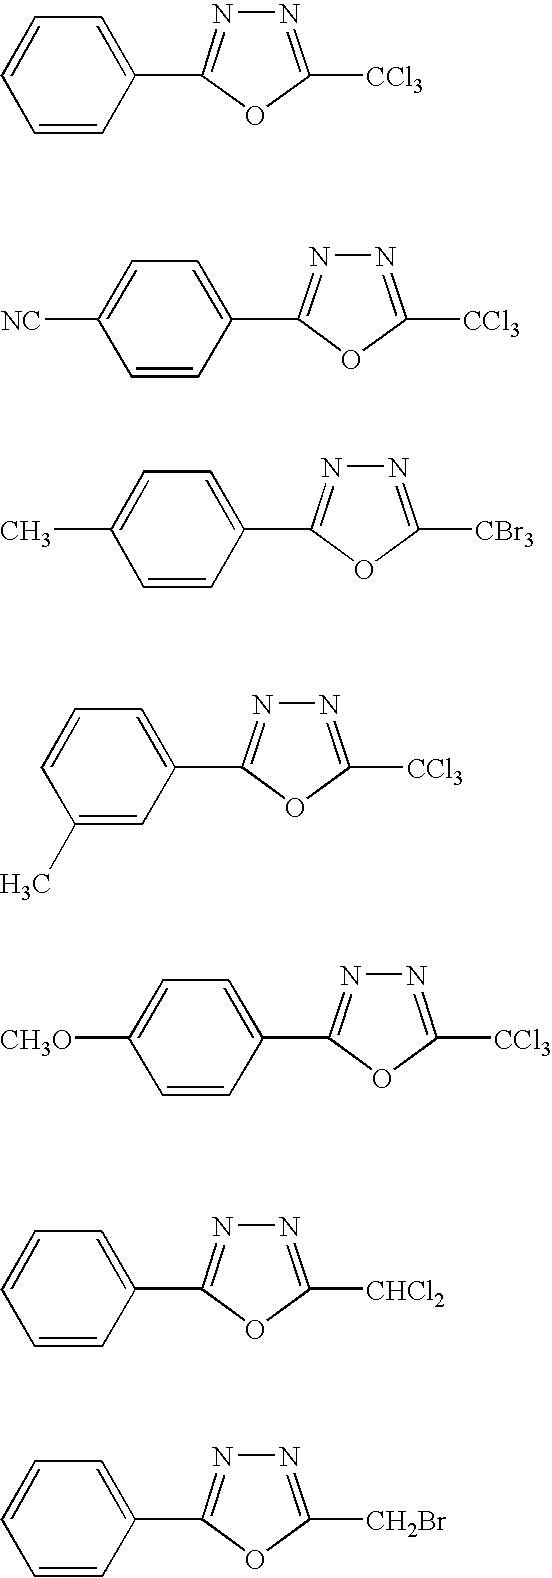 Figure US20090220753A1-20090903-C00029